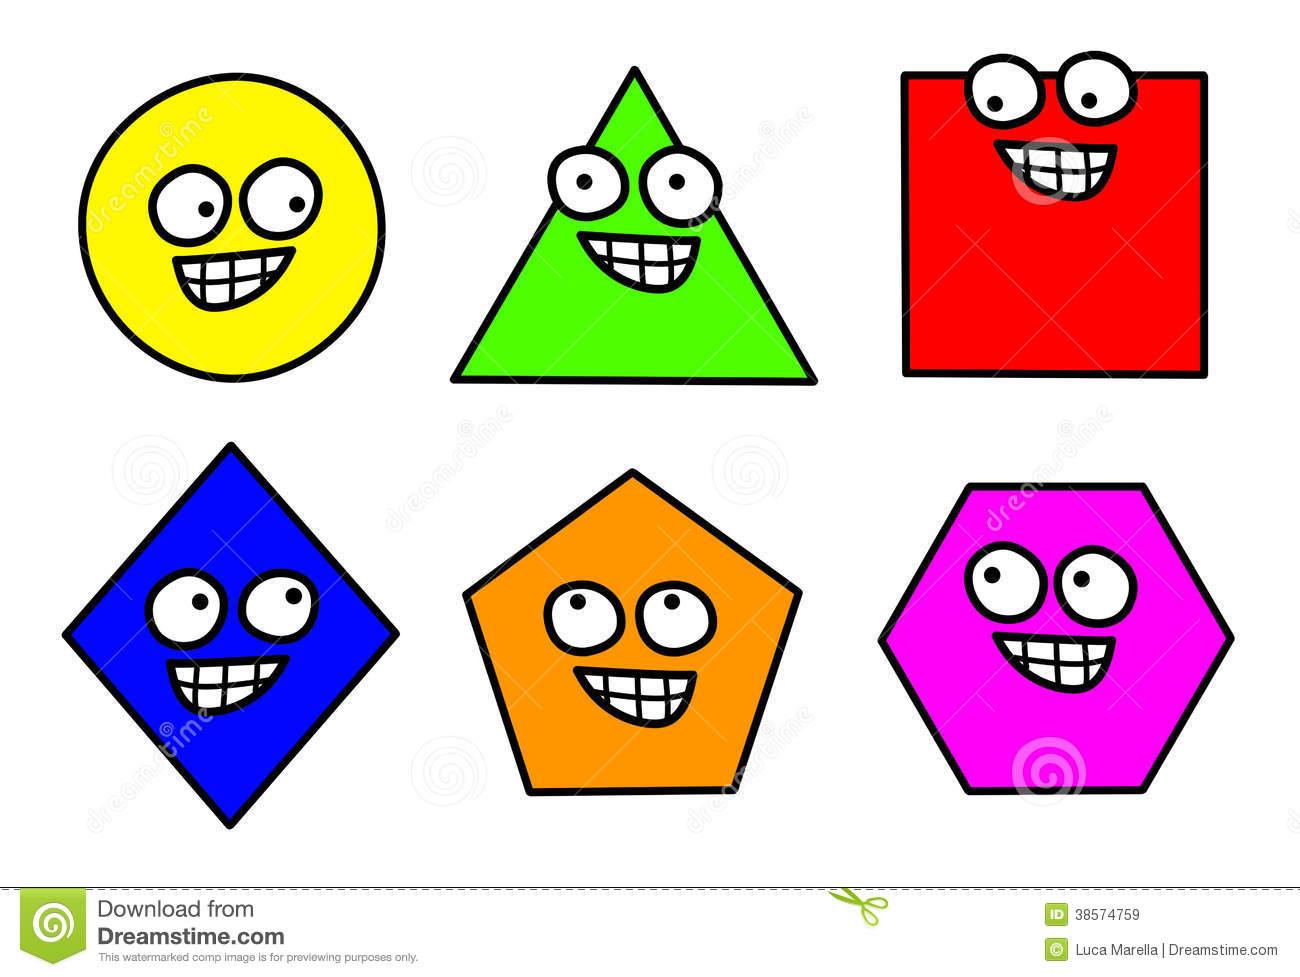 geometry shapes clipart clipart panda free clipart images rh clipartpanda com géométrie clipart geometry clipart images